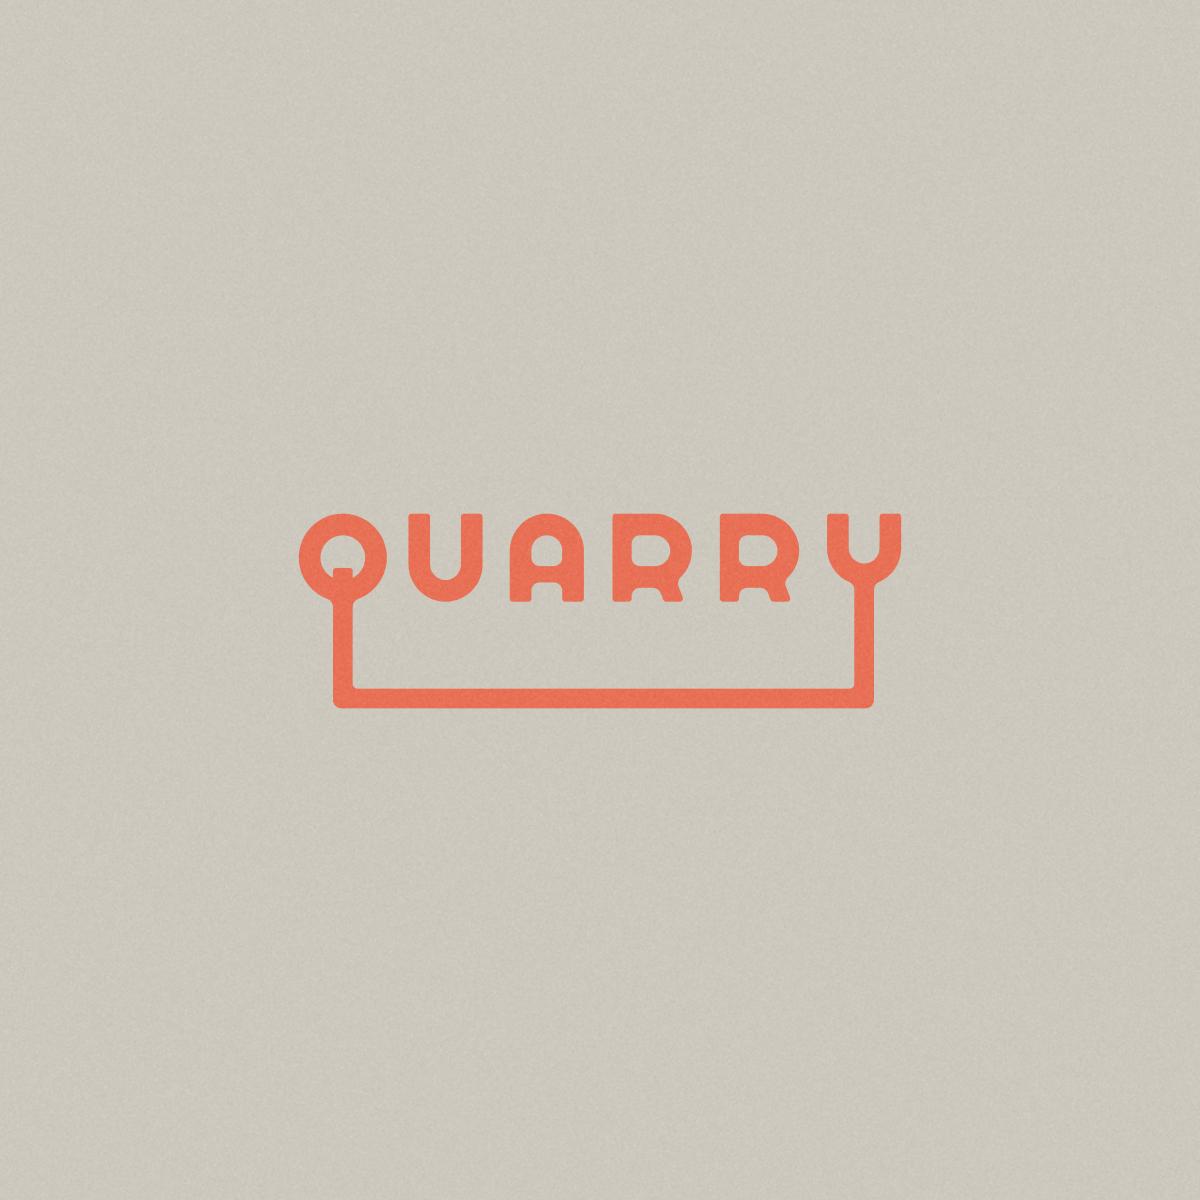 Quarry_2